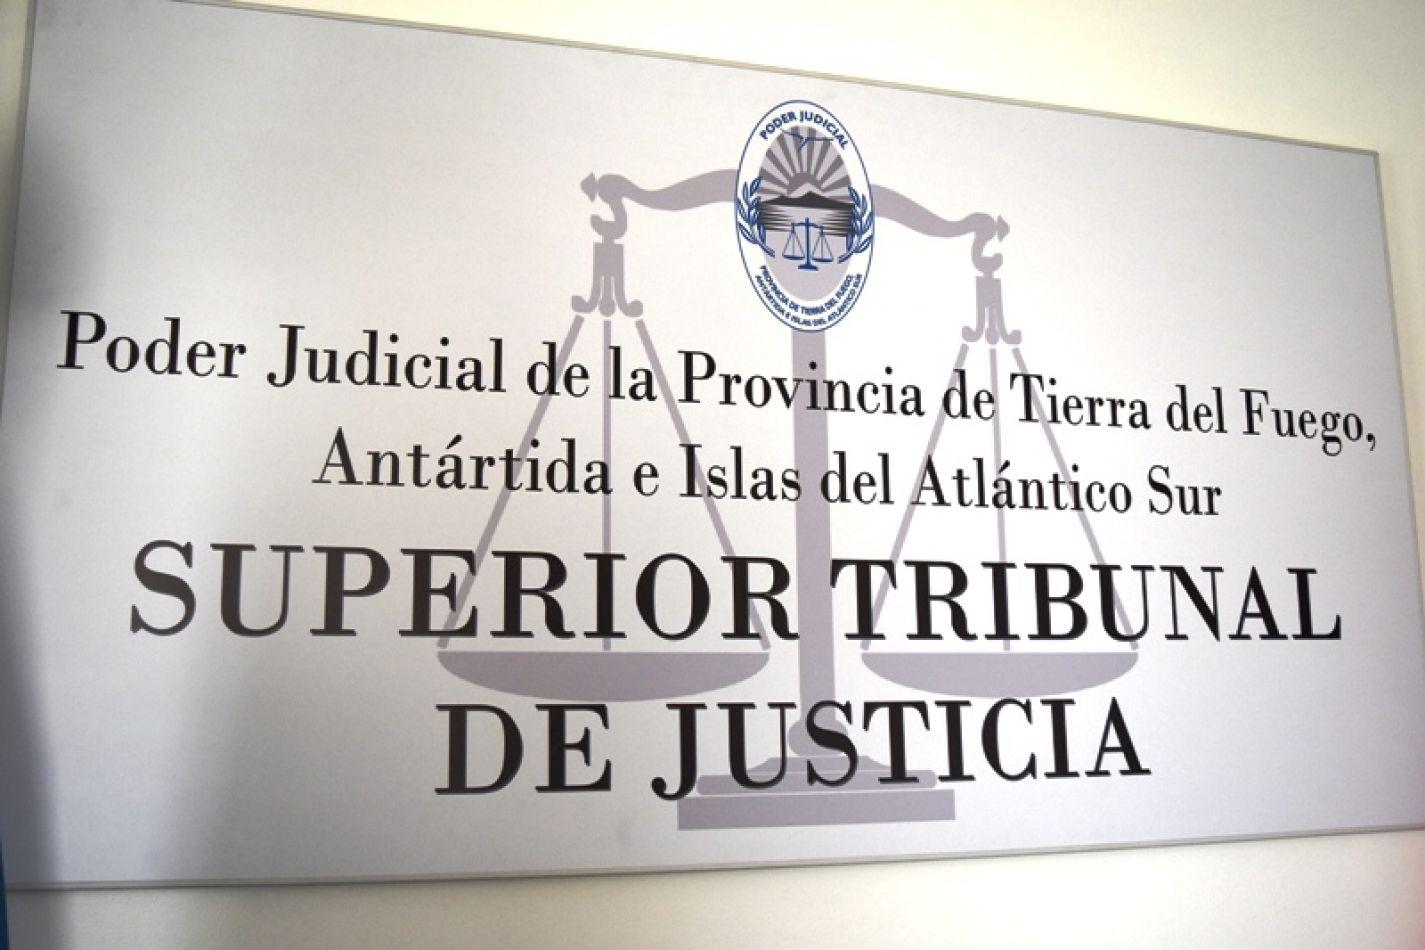 El Superior Tribunal de Justicia admitió el derecho de Pablo Cardoso a presentarse como candidato